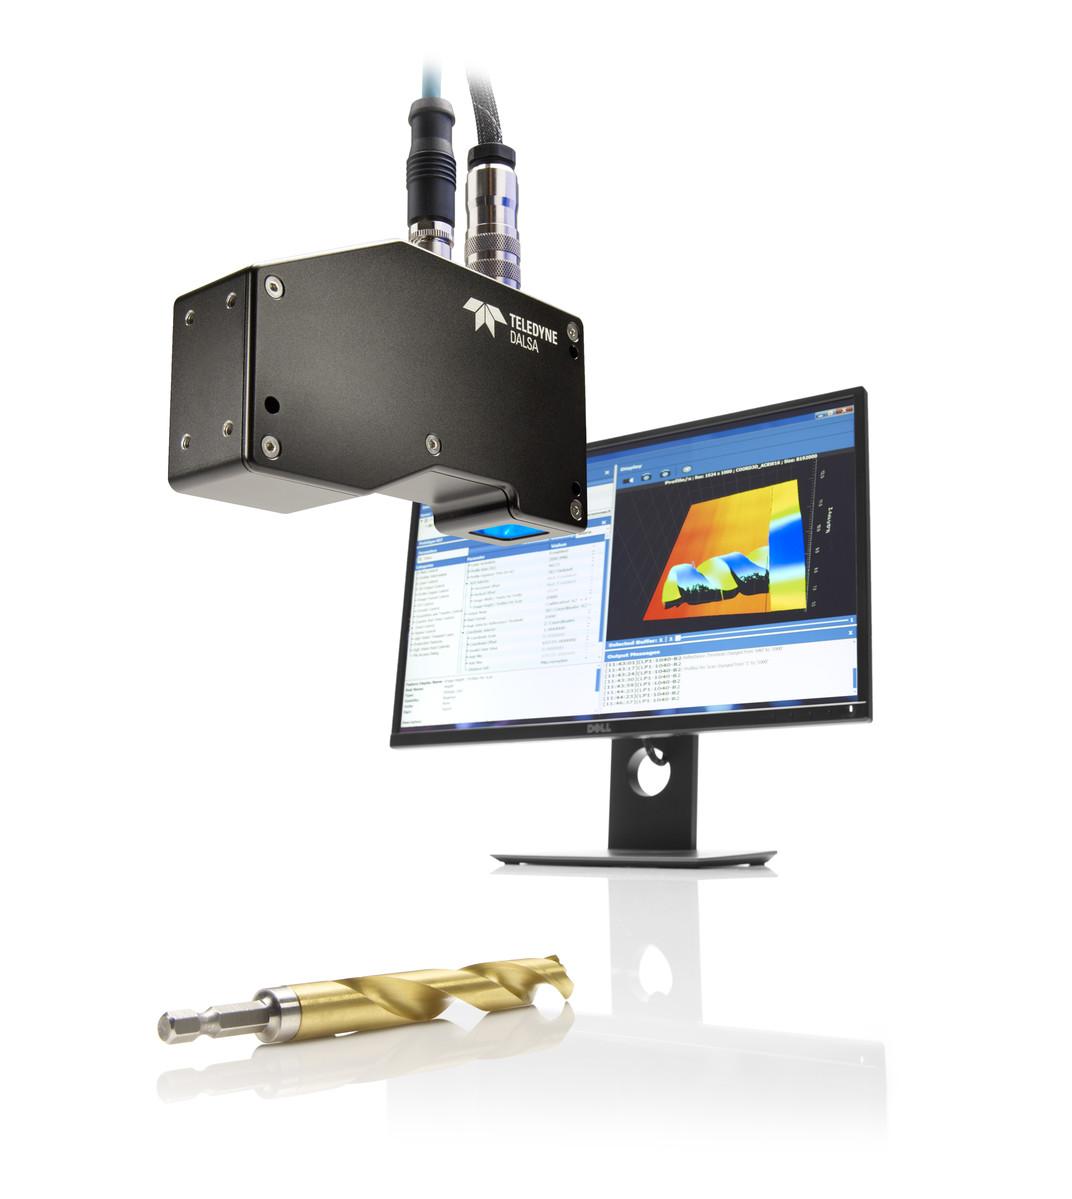 Teledyne DALSA's Z-Trak laser profiler